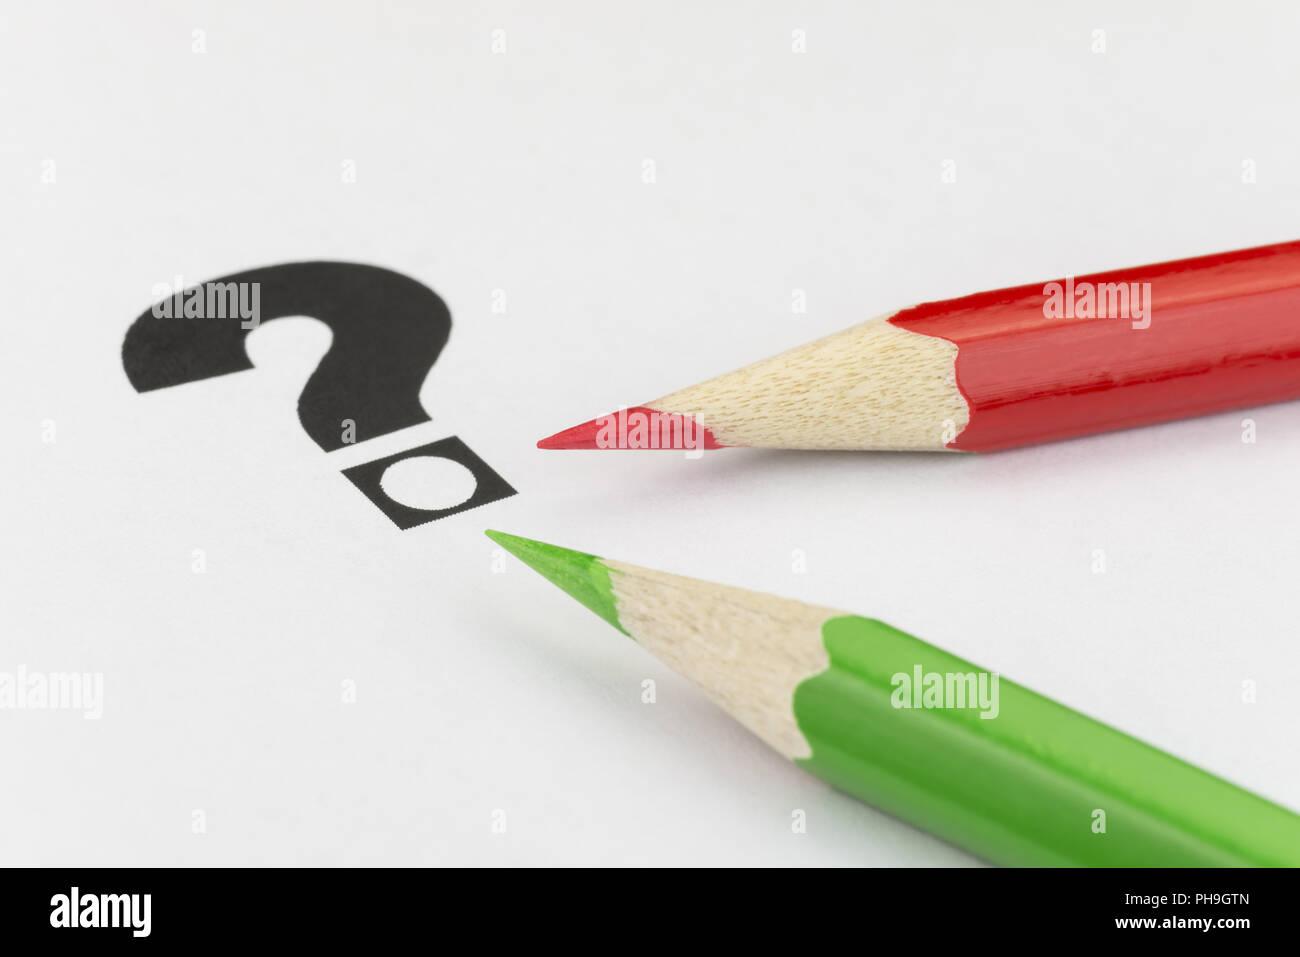 Visualización conceptual de duda en voces Imagen De Stock